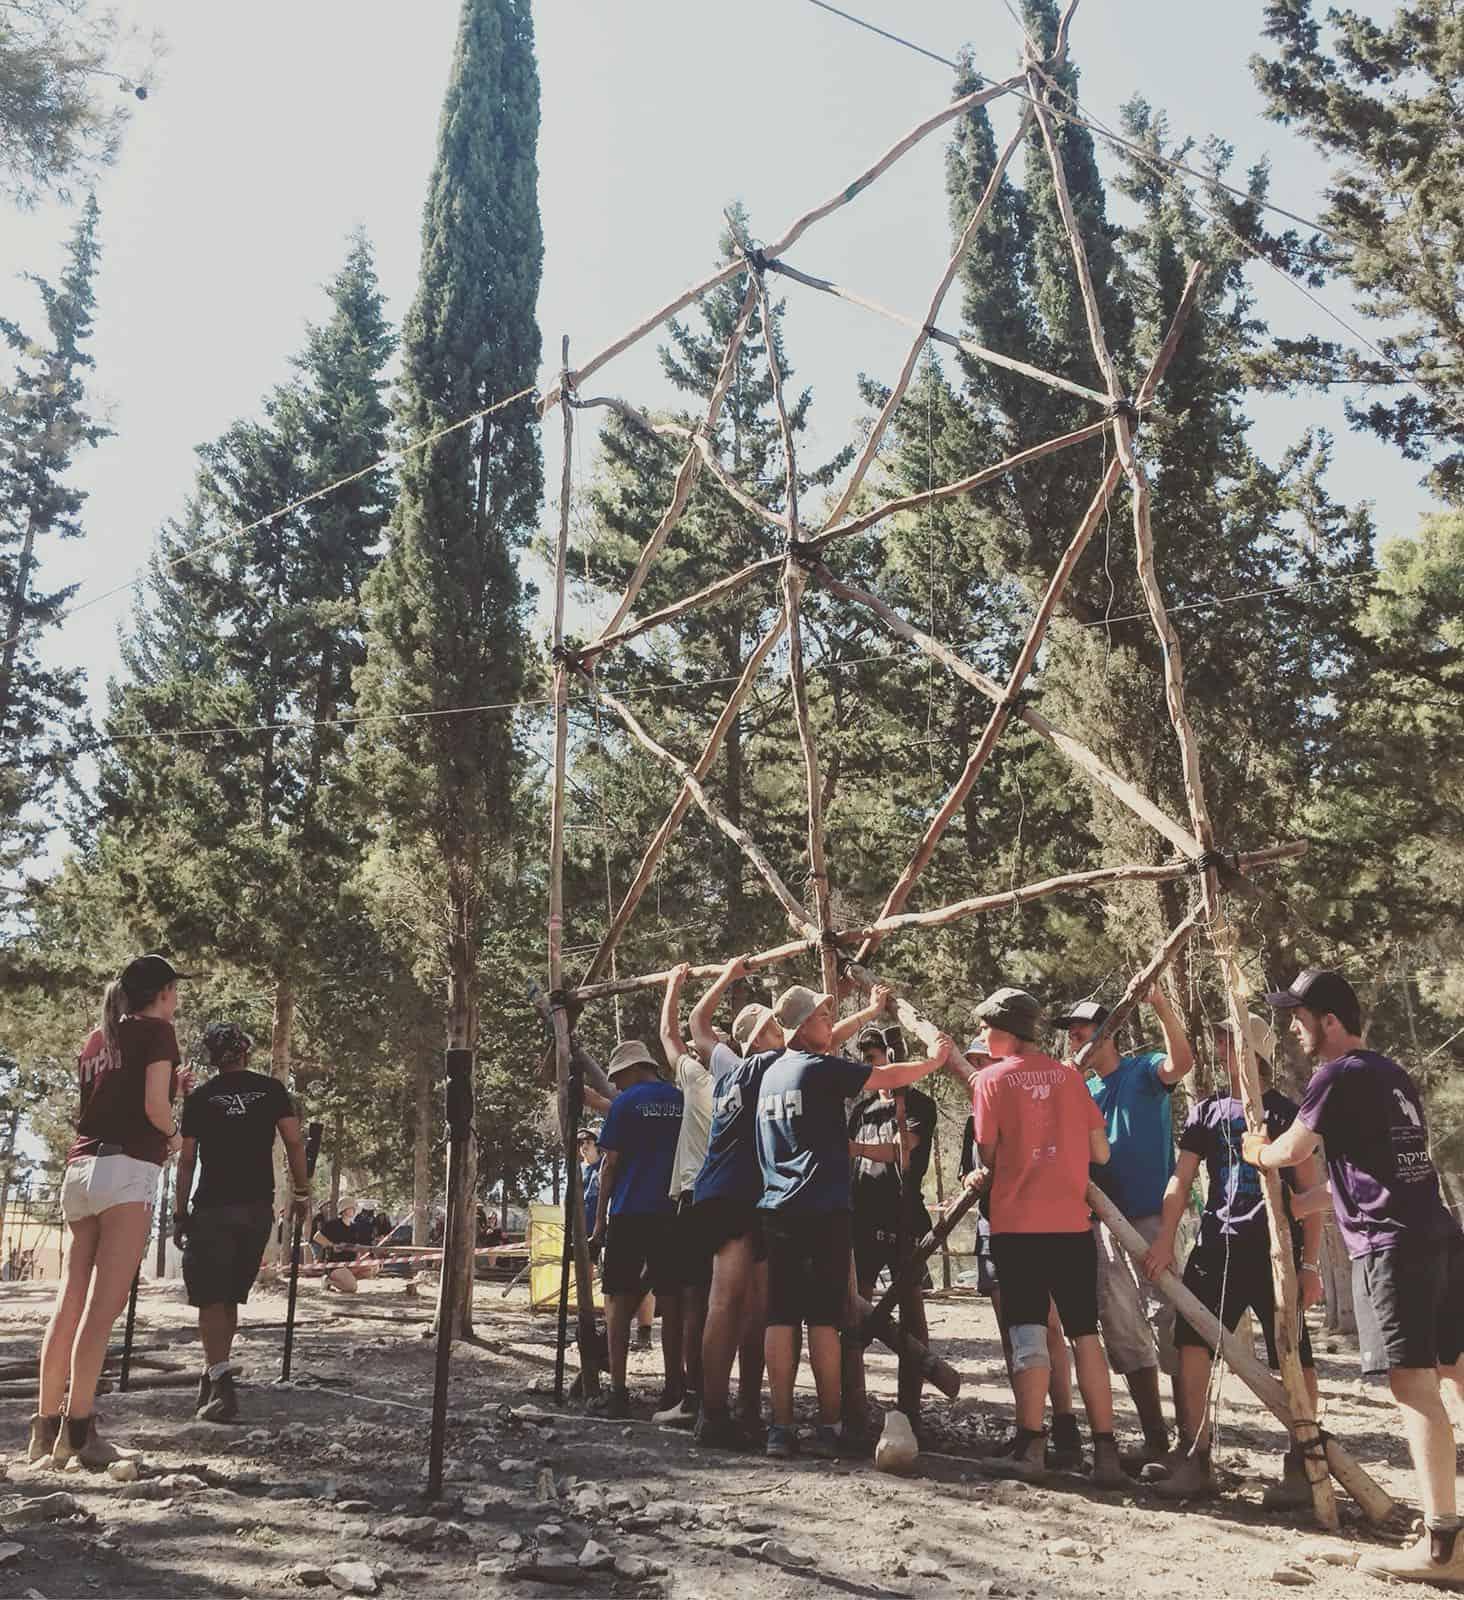 מחנה הקיץ ביער עופר, צילום: באדיבות ההורים